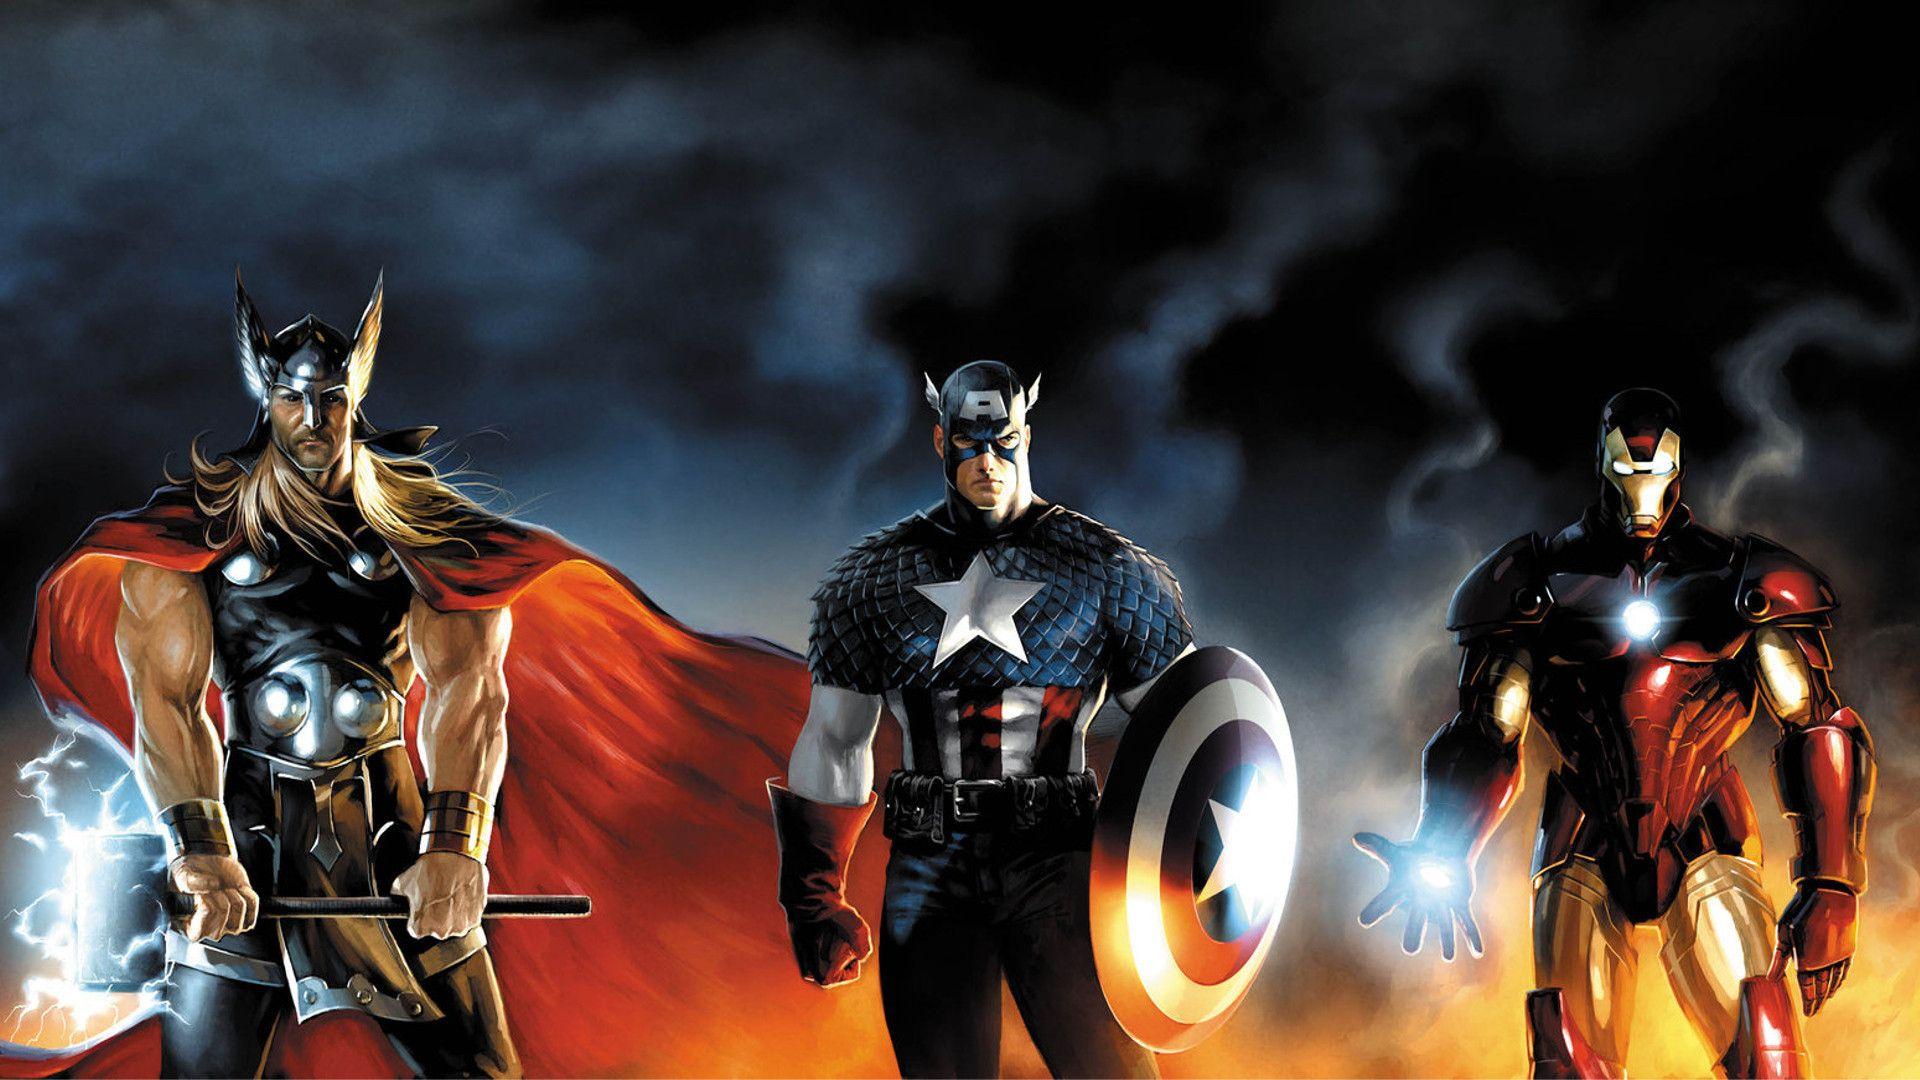 Wallpaper Heroes Comics Thor Hero Captain America Fantasy